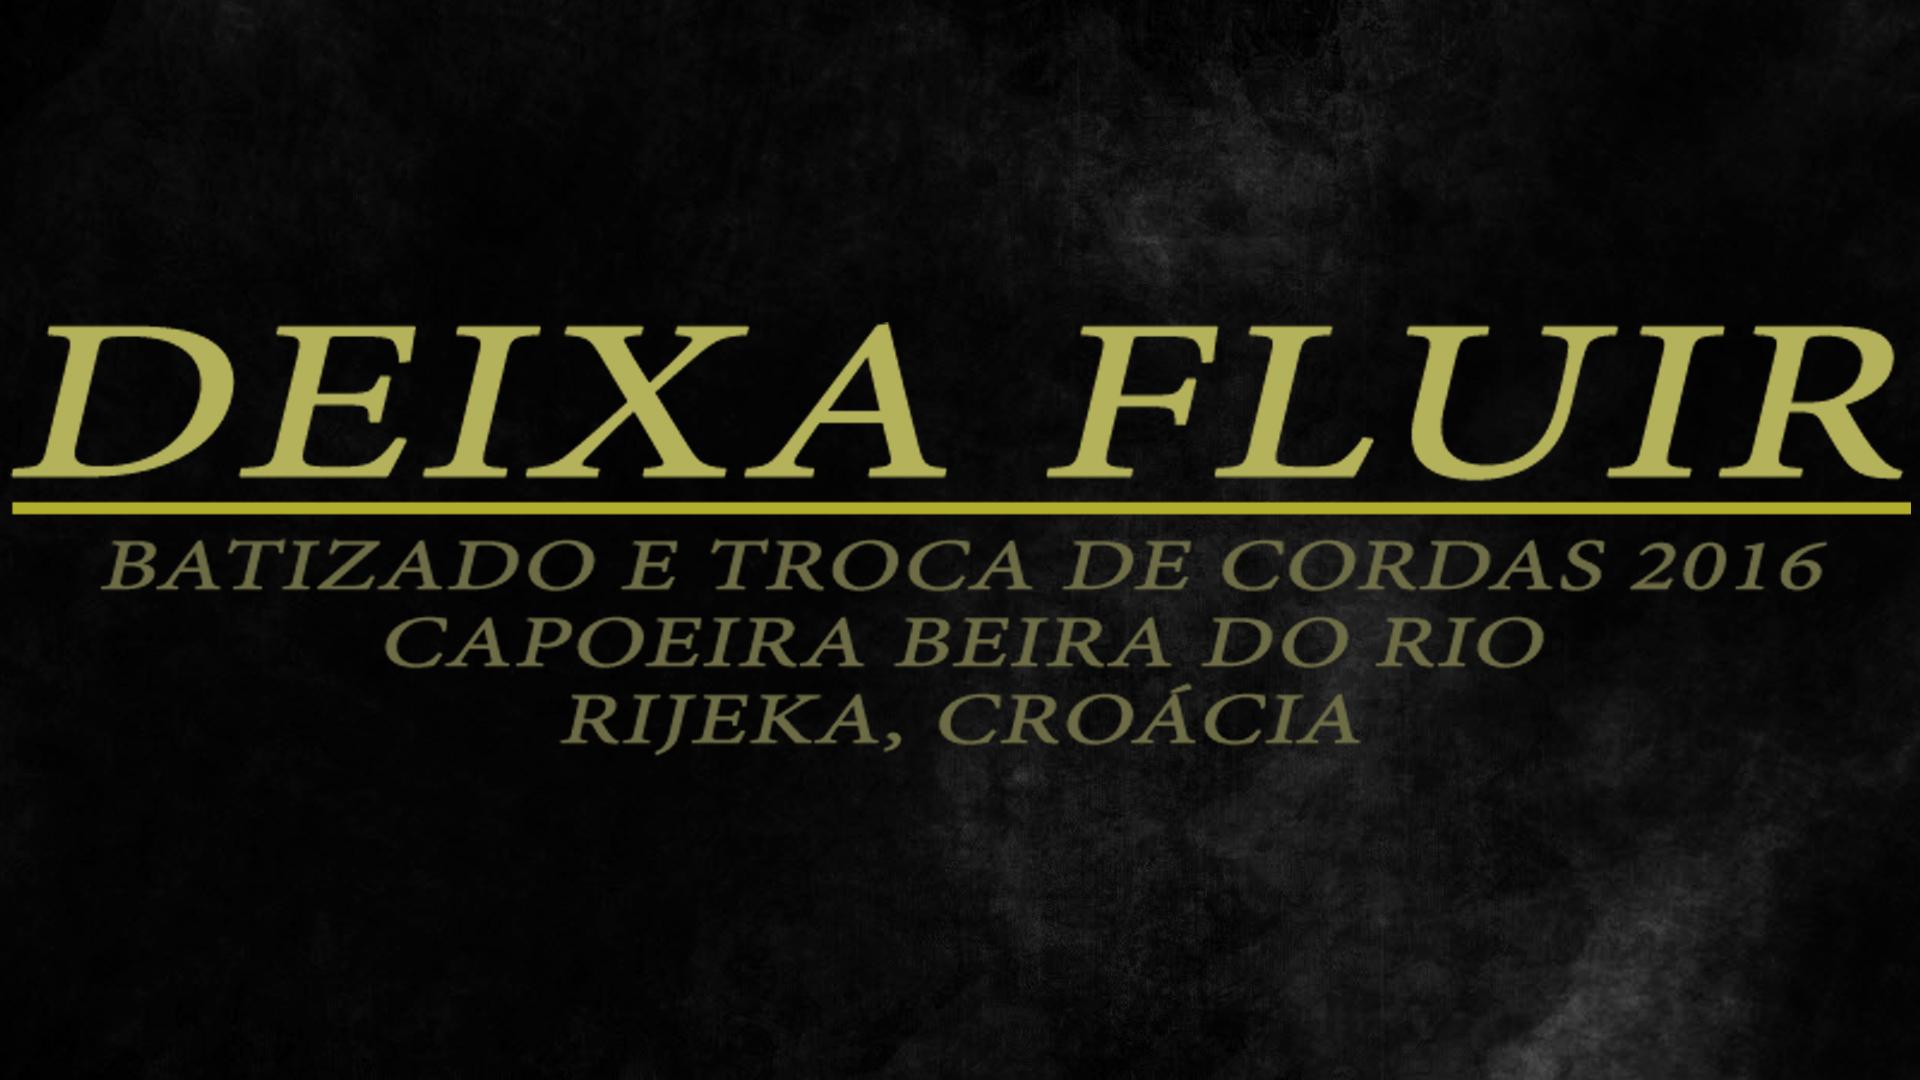 Batizado and Troca de Cordas 2016 - DEIXA FLUIR